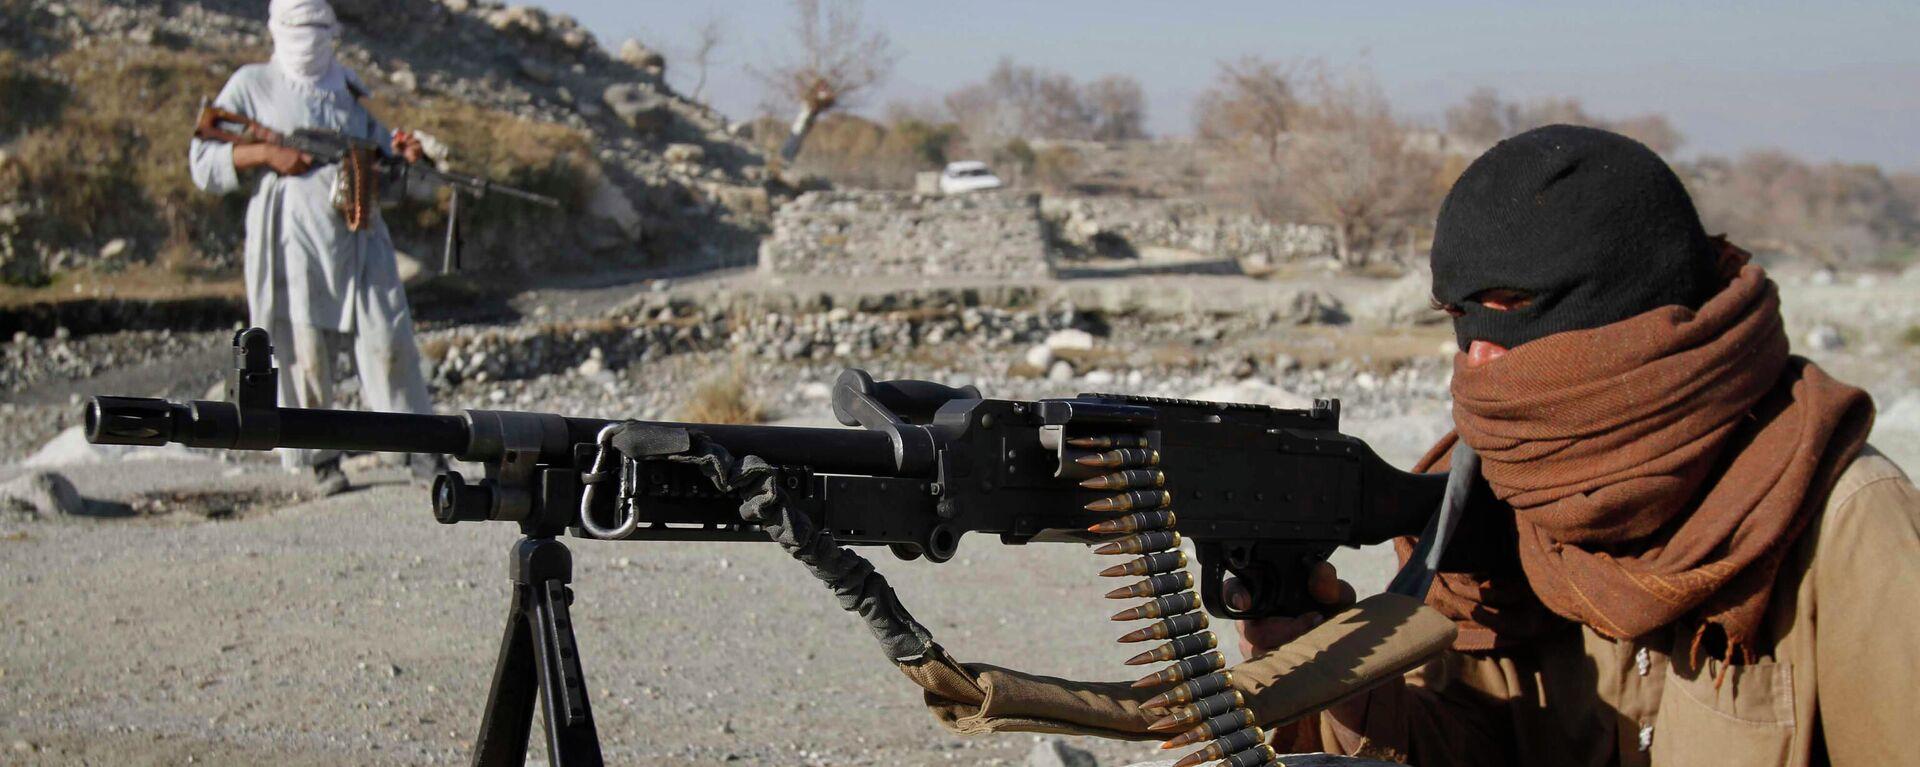 Bojovníci radikálního hnutí Tálibán v Afghánistánu - Sputnik Česká republika, 1920, 09.08.2021